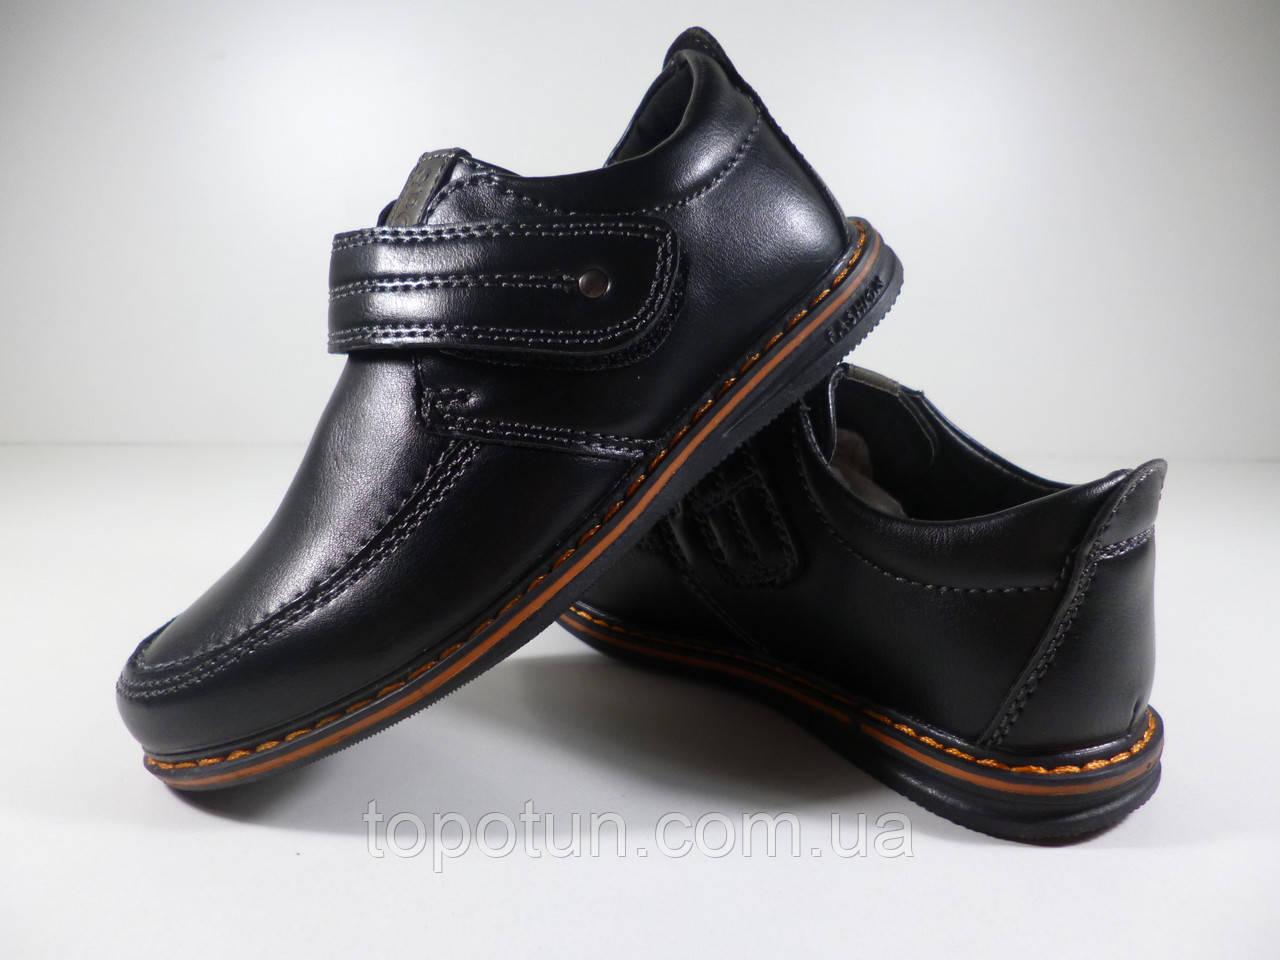 097e59c0d Школьные туфли для мальчика Kellaifeng. Размер: 27-32 - Интернет-магазин